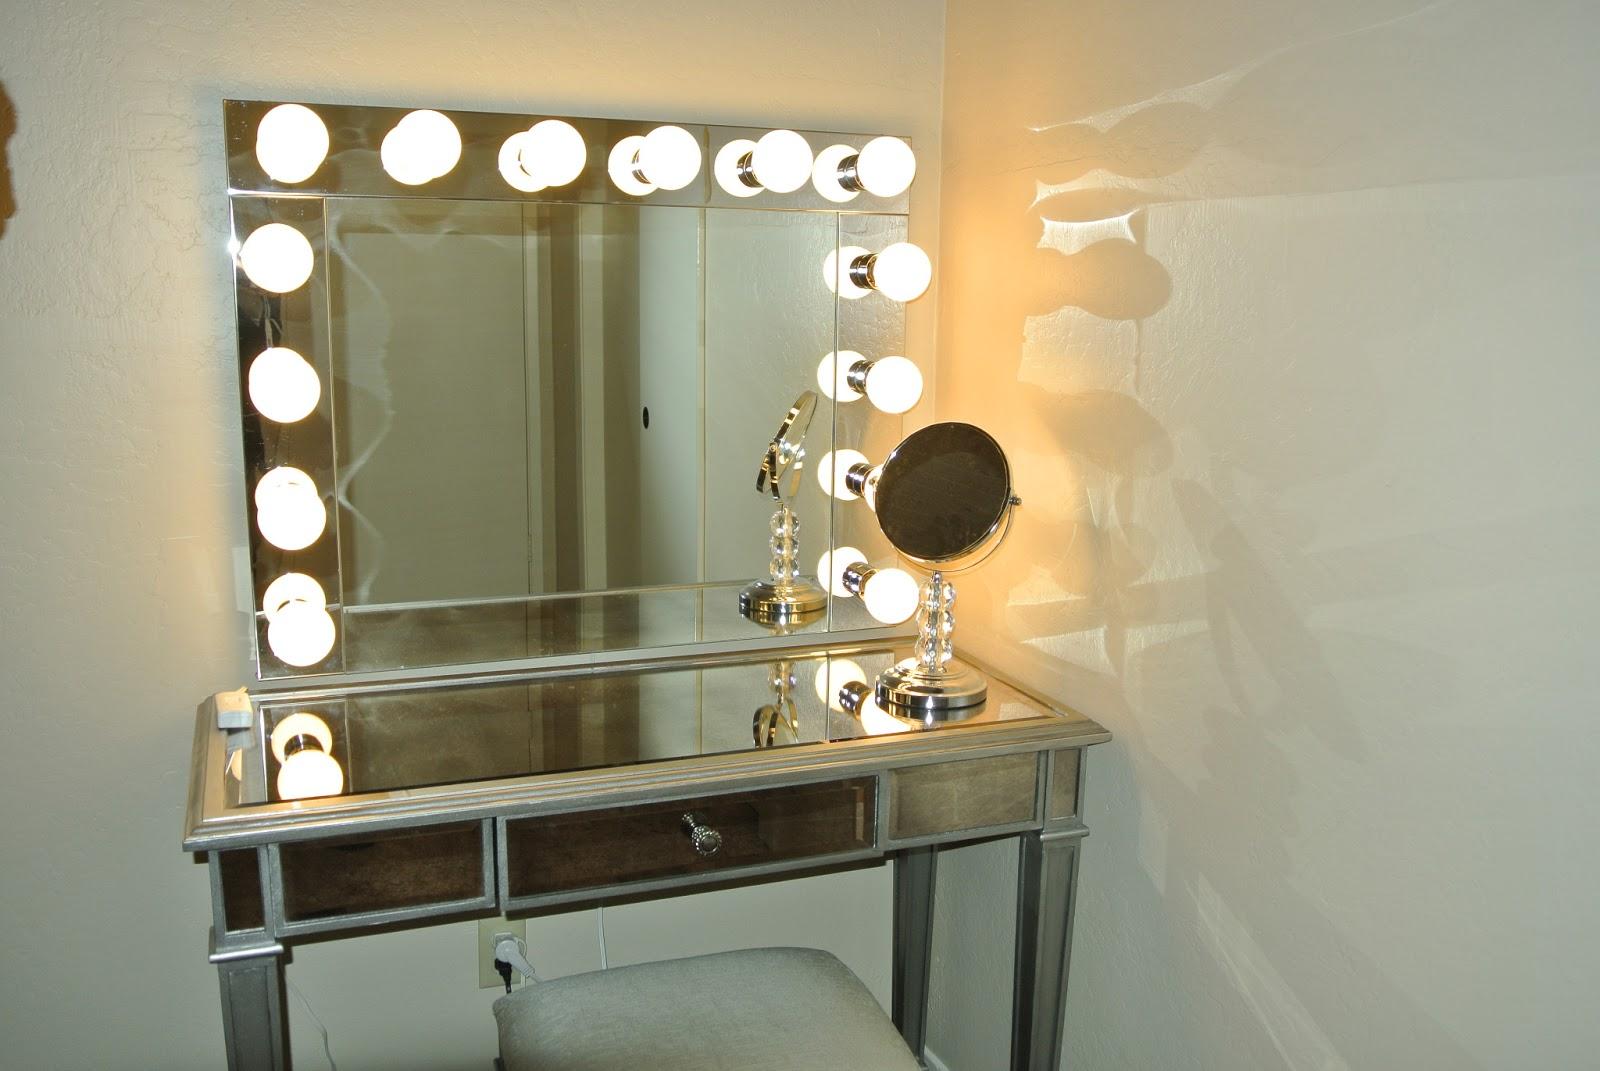 Своими руками гримерное зеркало с лампочками